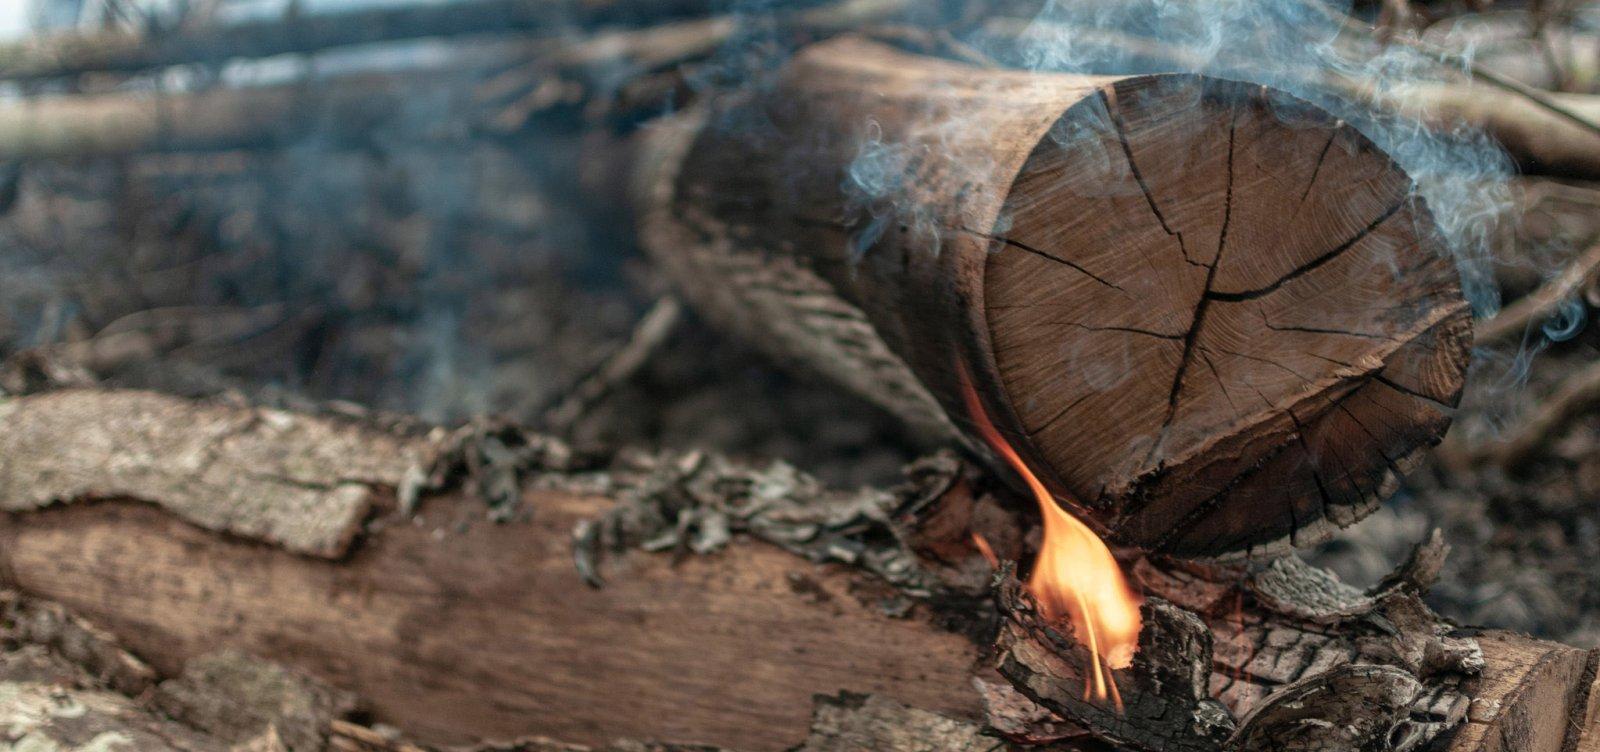 [Alertas de desmatamento na Amazônia sobem 34% em um ano, aponta Inpe]